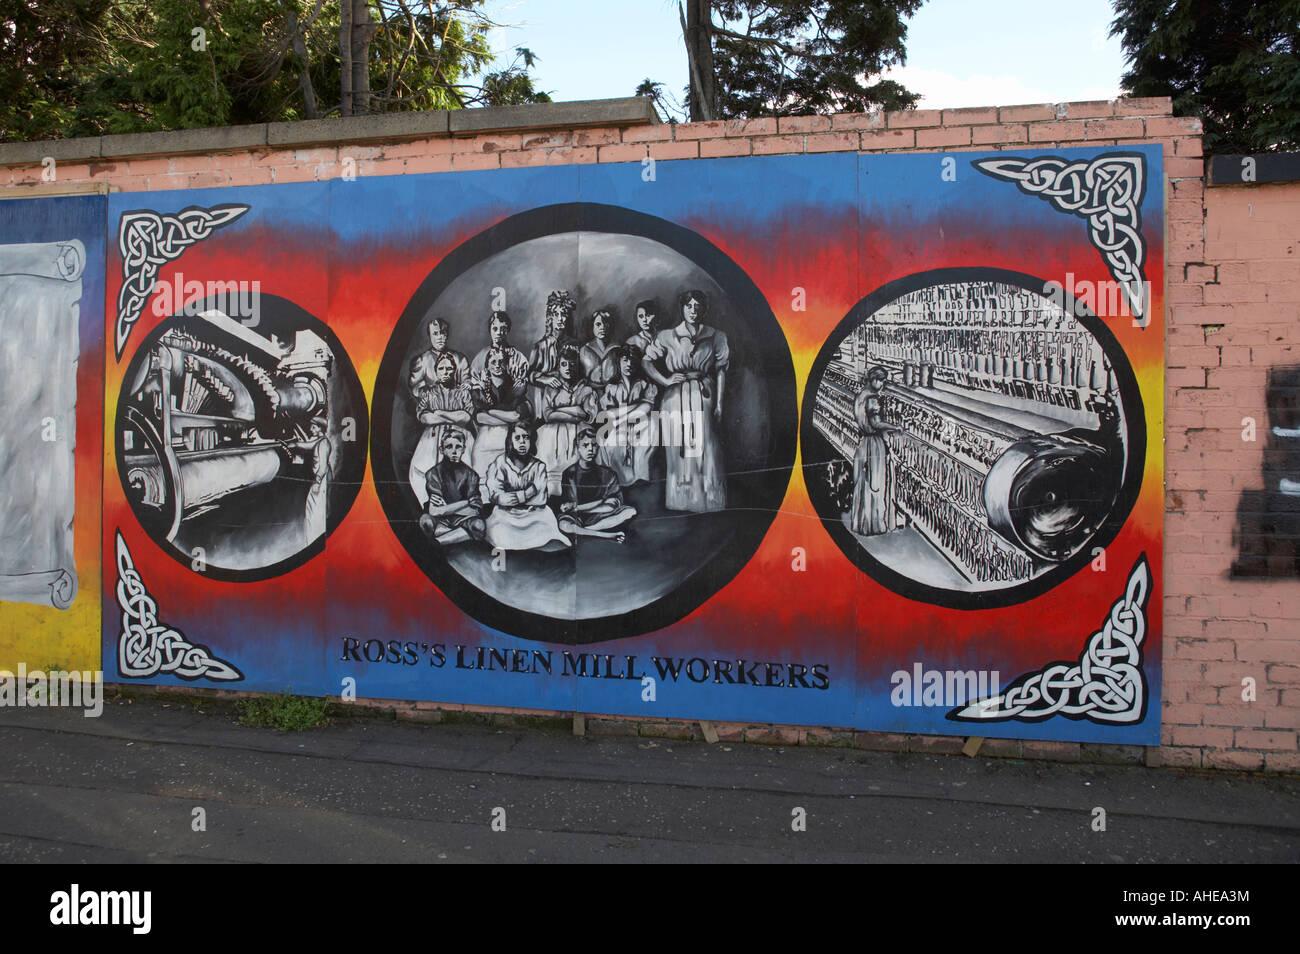 linen mills workers murals in the republican beechmount avenue off the falls road area of west belfast Northern - Stock Image